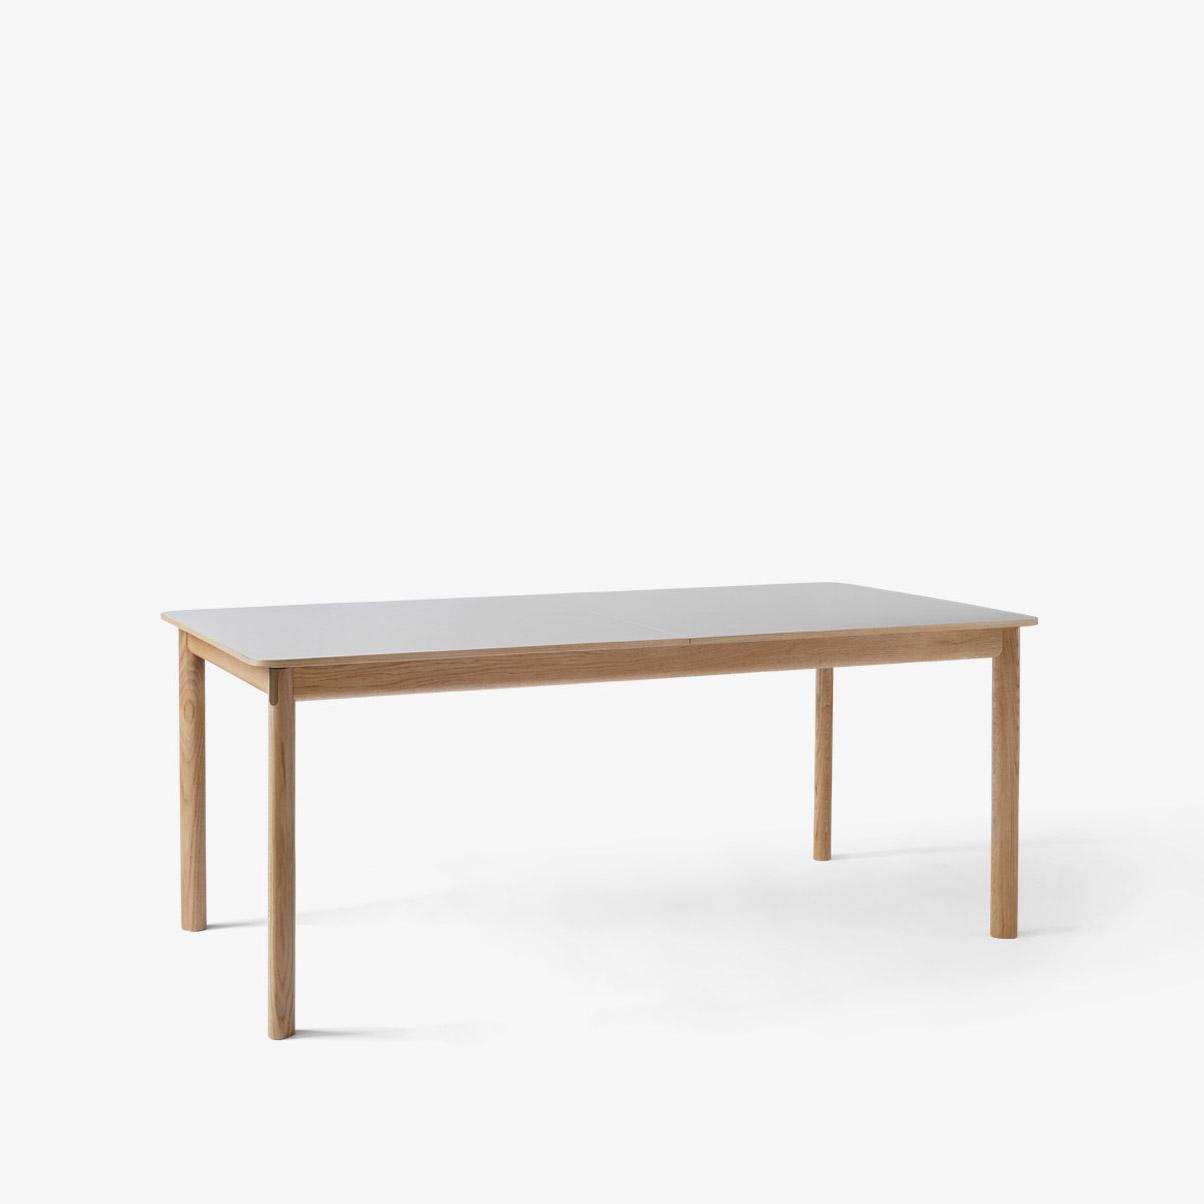 Patch Uttrekkbart Spisebord HW1 Hvitoljet Eik